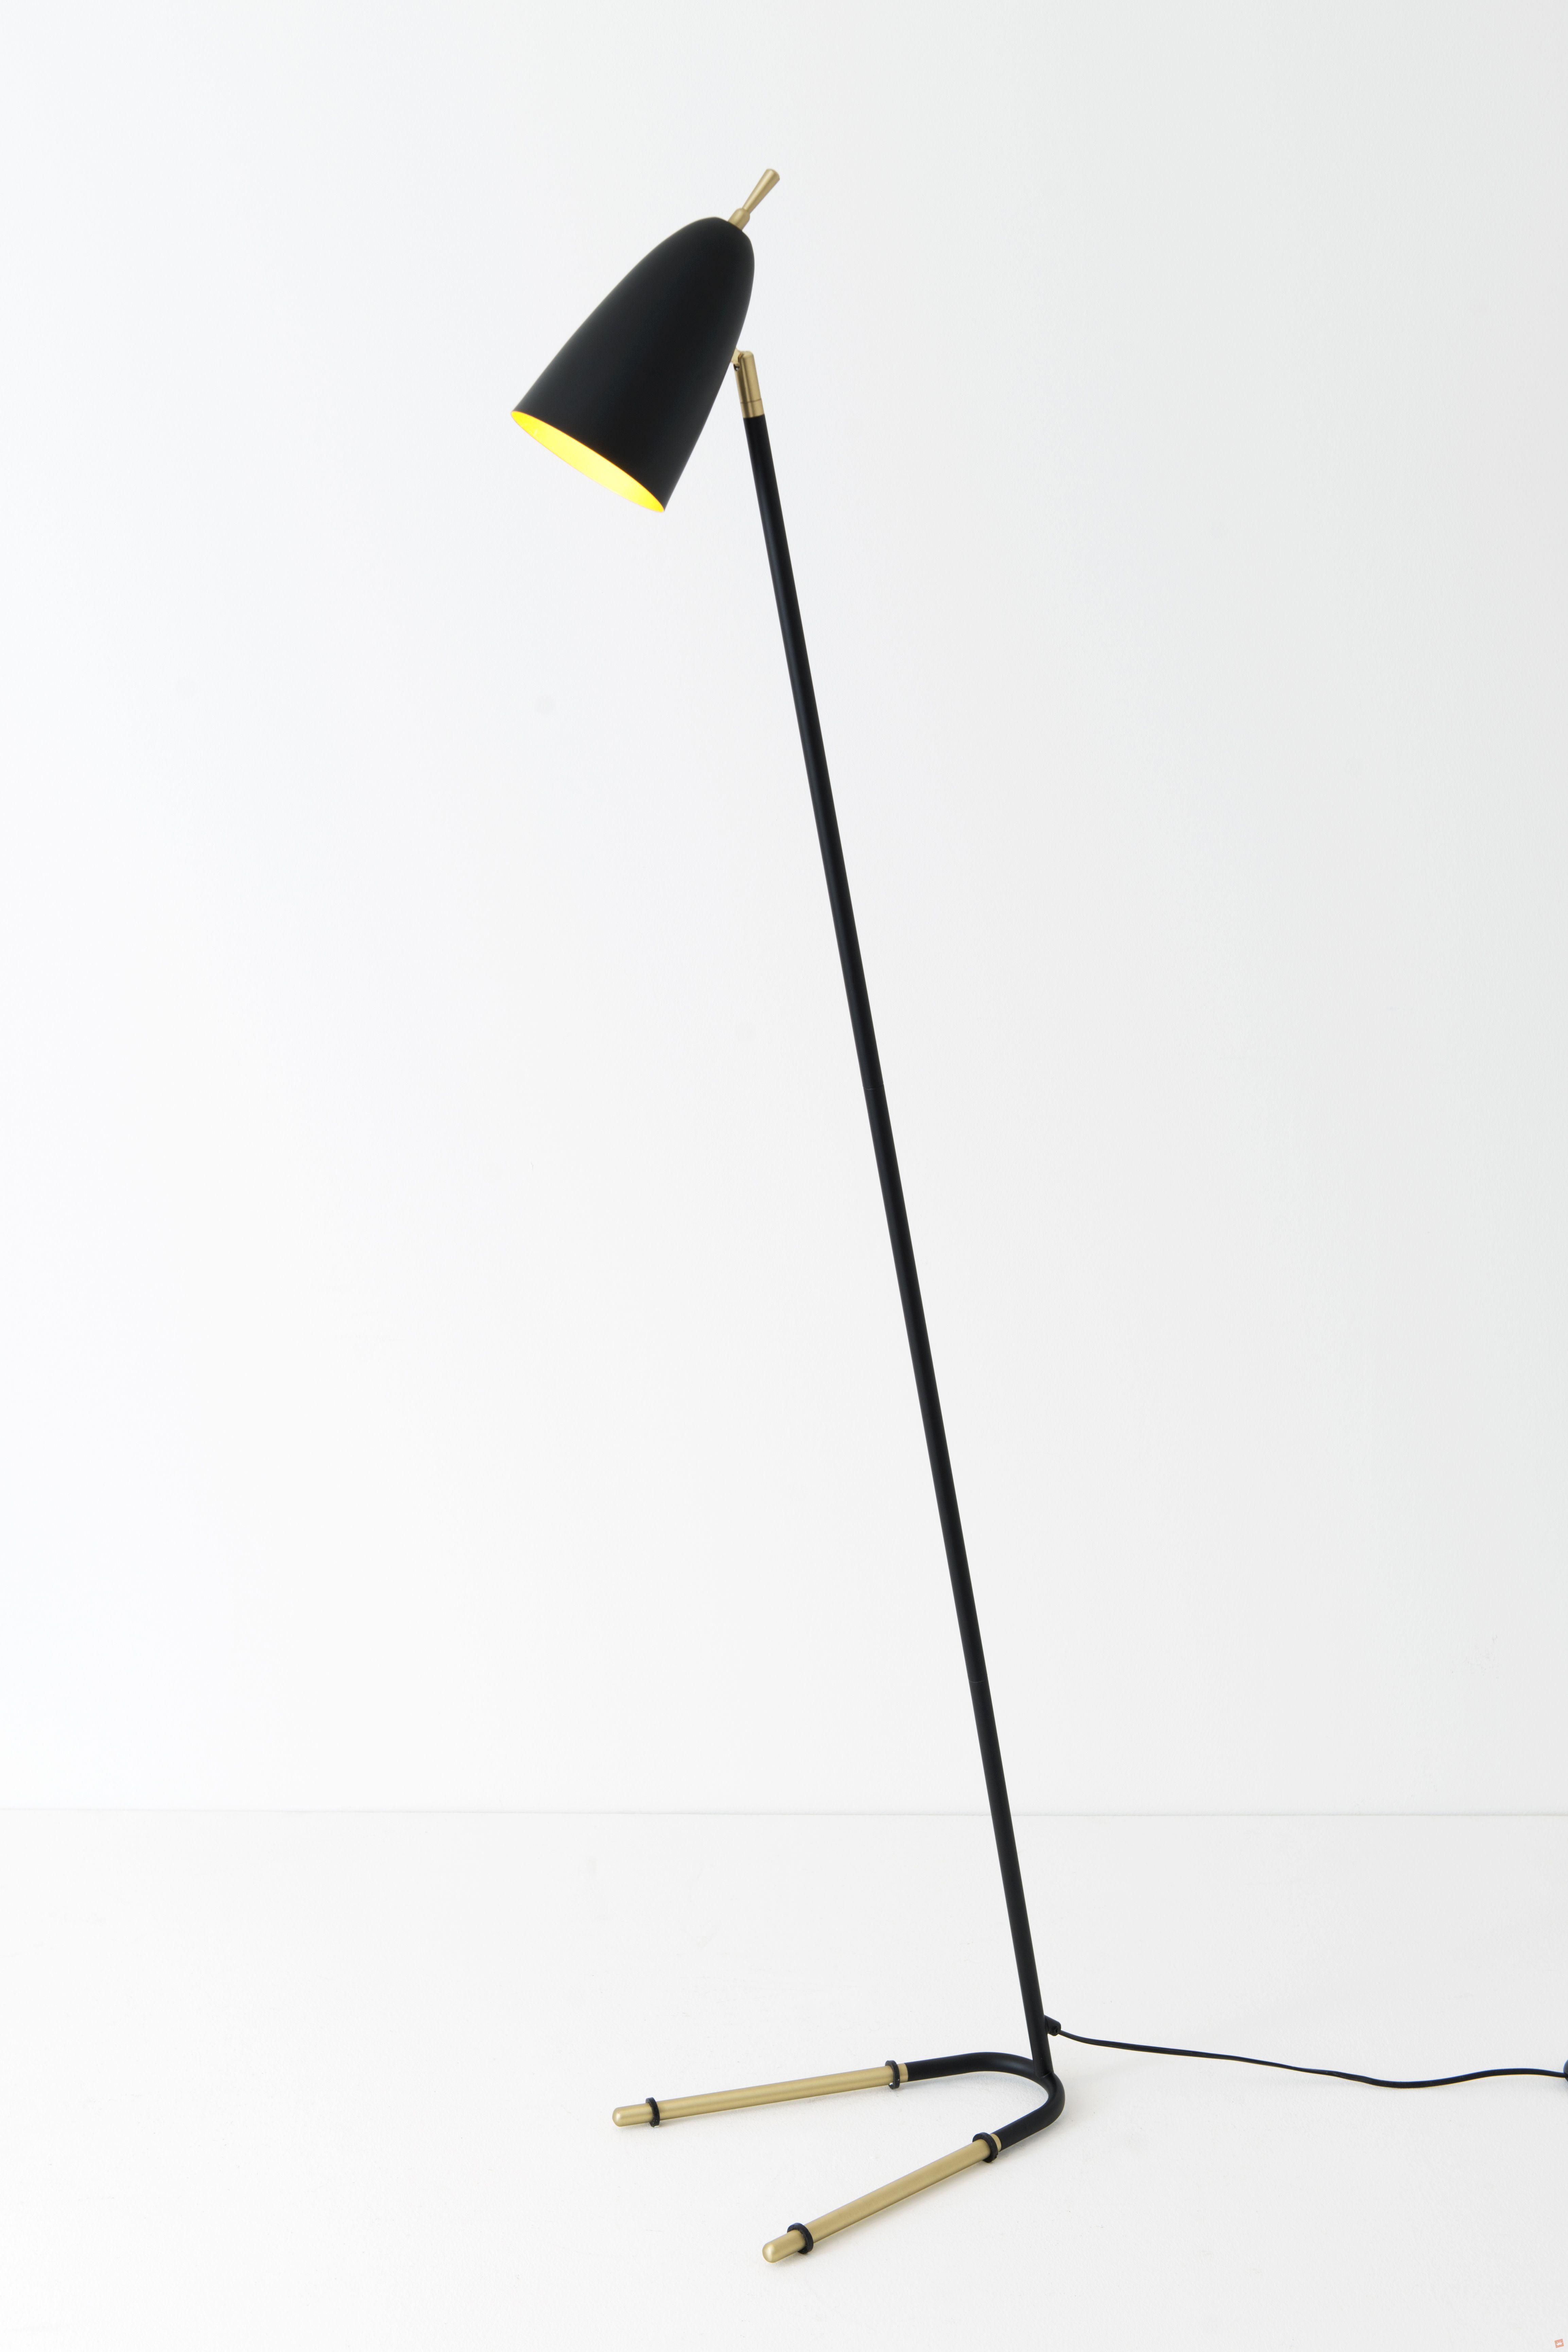 Stehleuchten von Holländer Leuchten Stehleuchte 1-flg. OBELISCO 237 1101